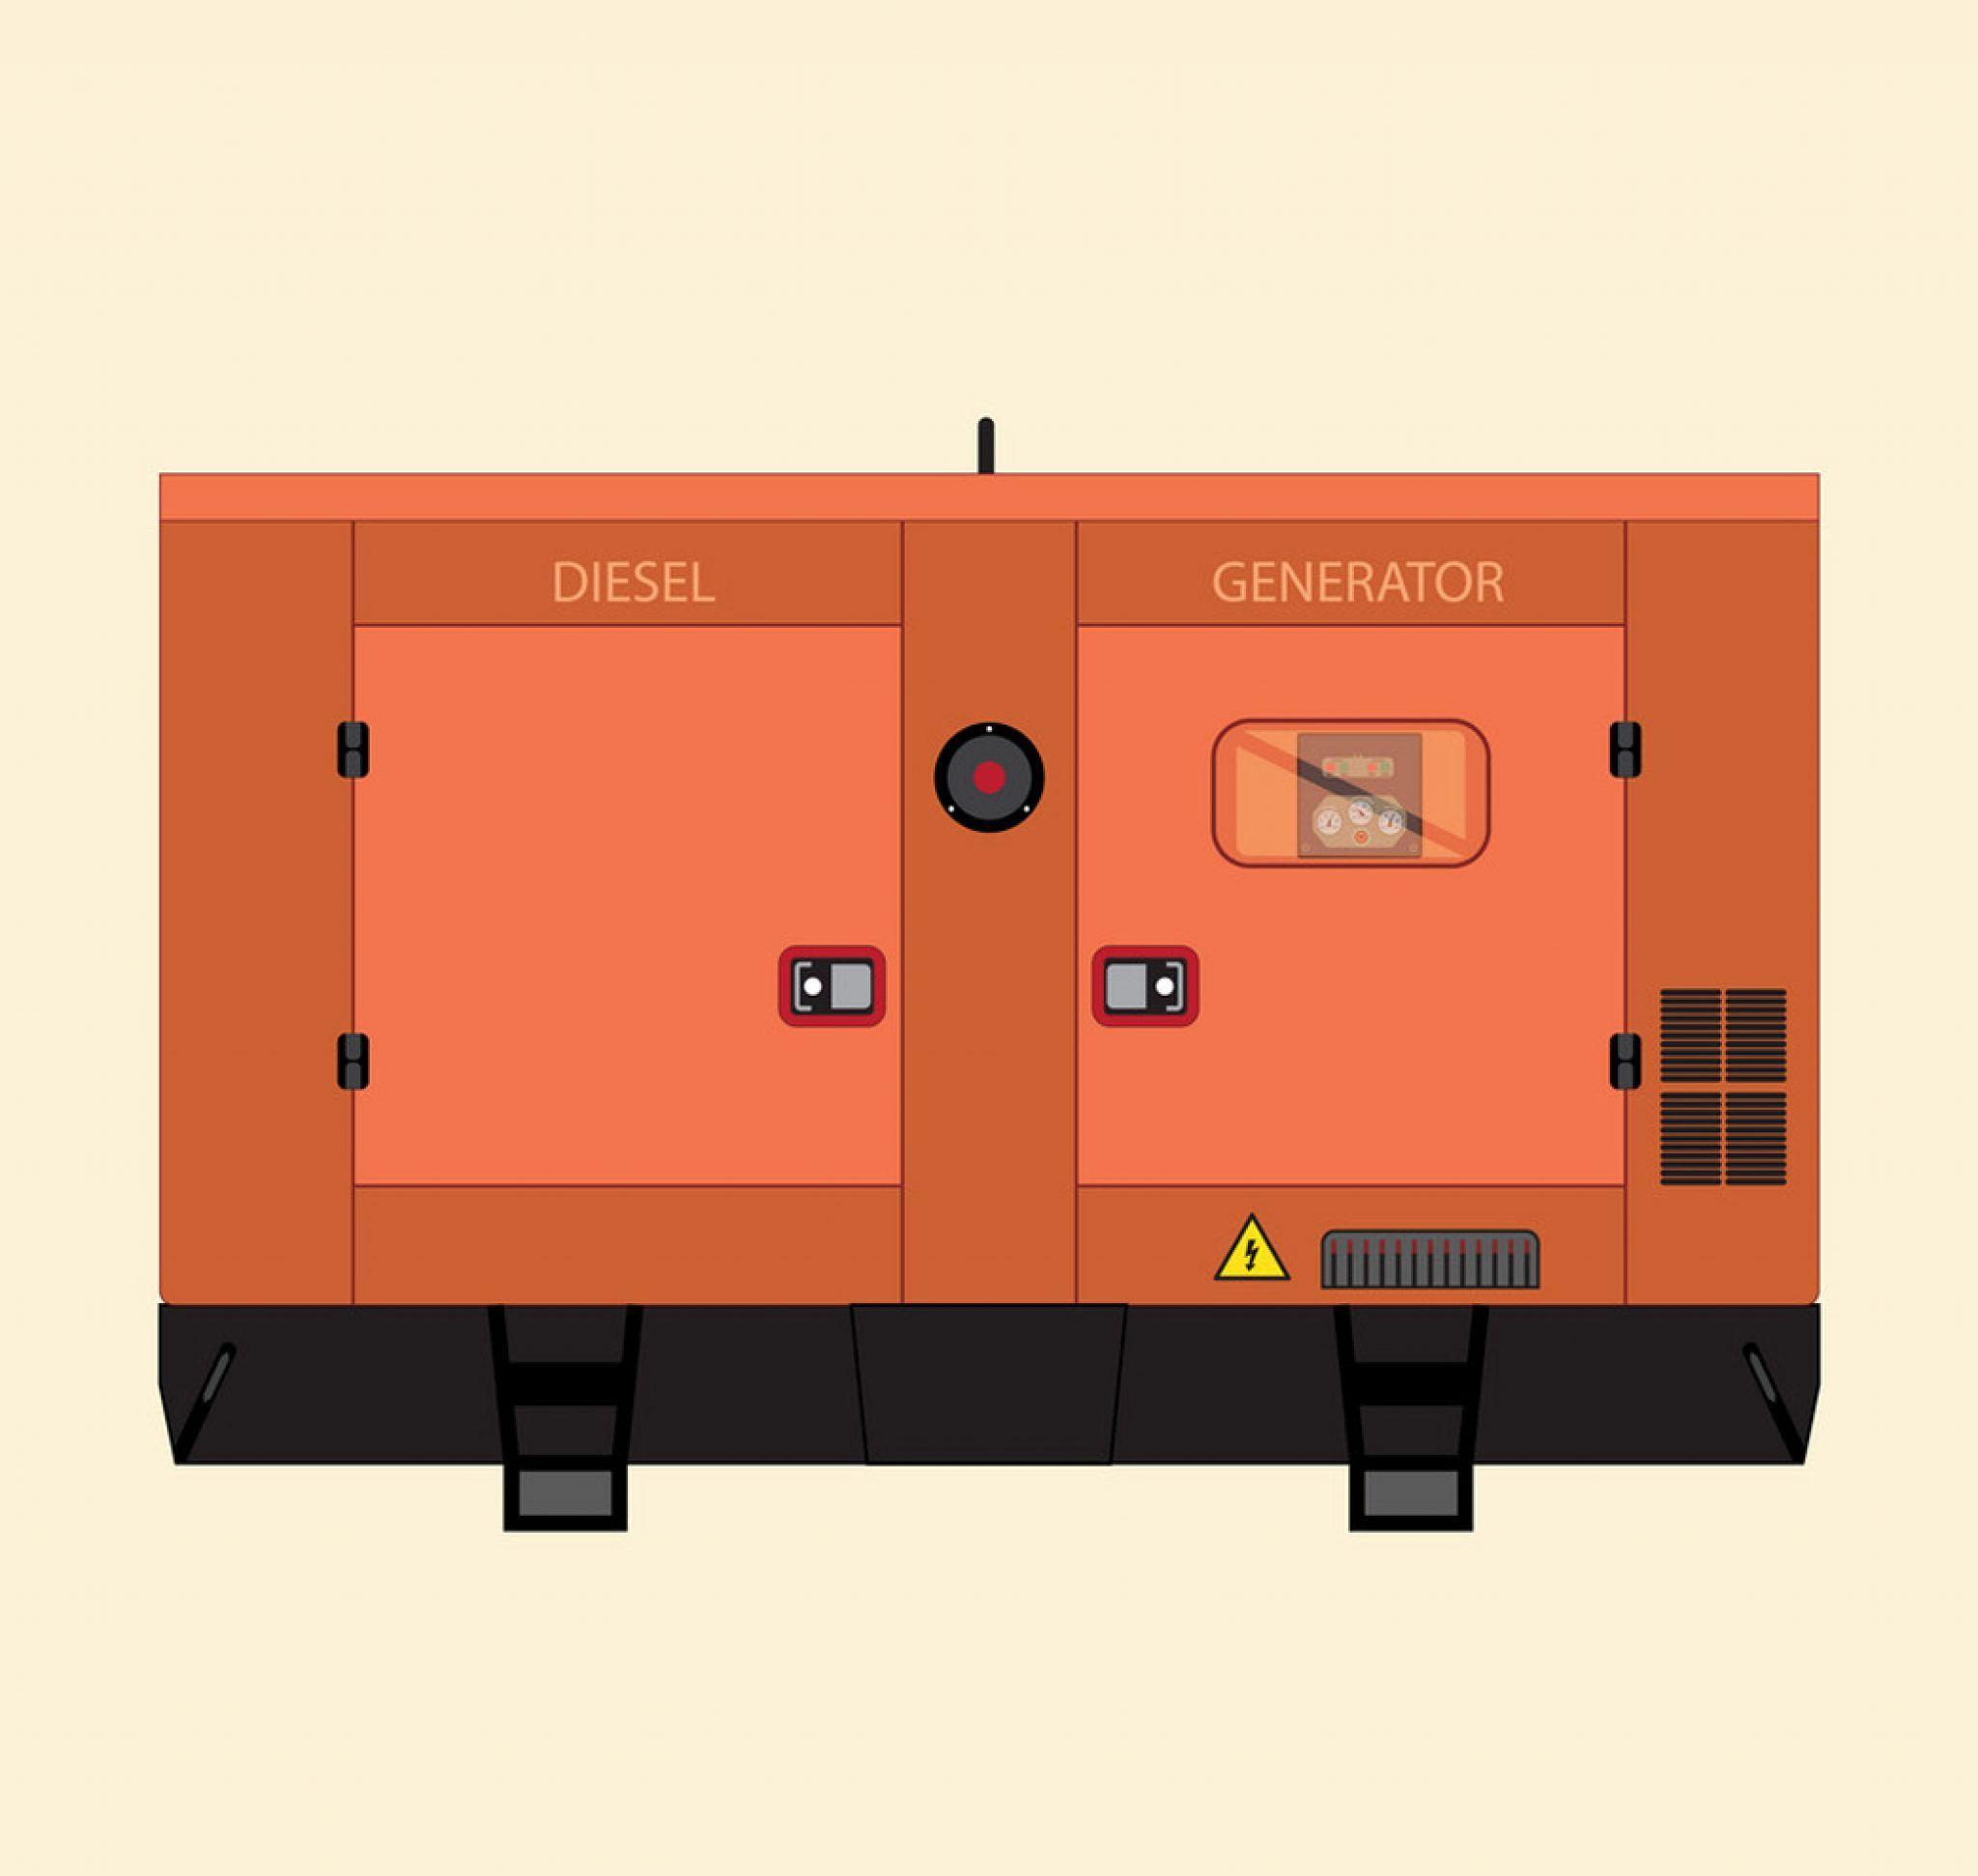 10 Best 3000 Watt Inverter Generators in 2021